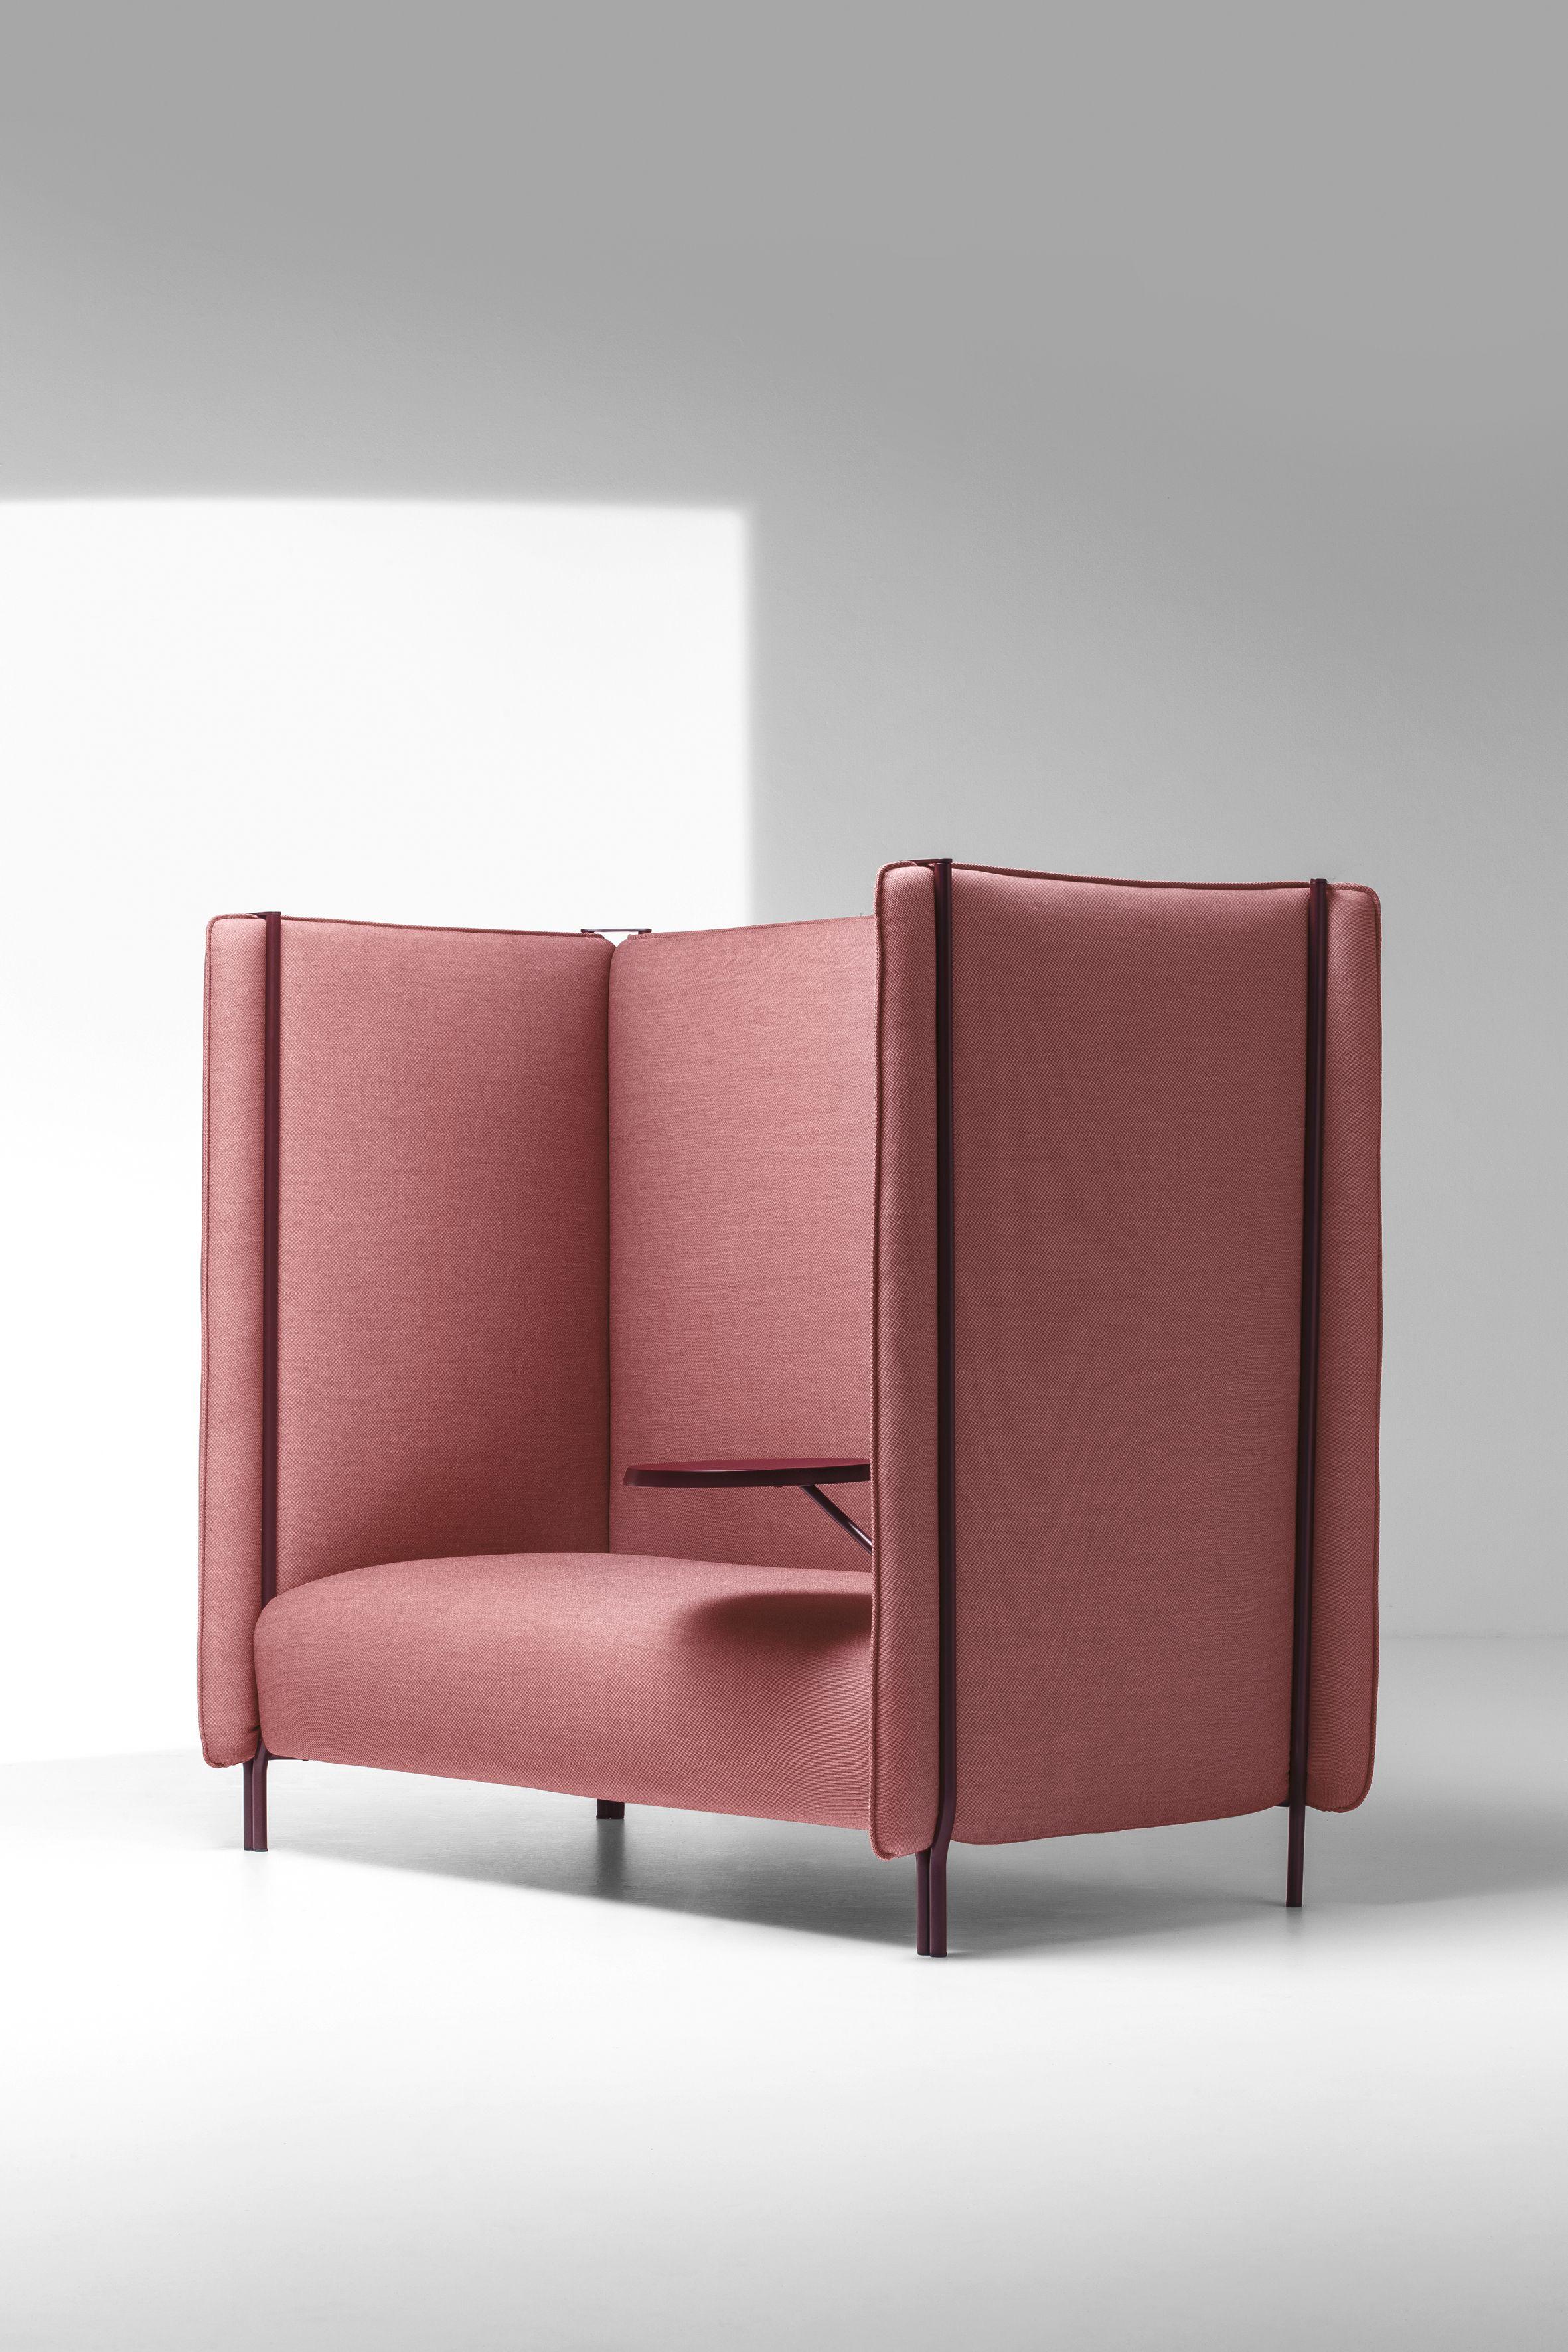 Pinch divano con schienale alto collezione pinch by la cividina design skrivo - Divano schienale alto ...